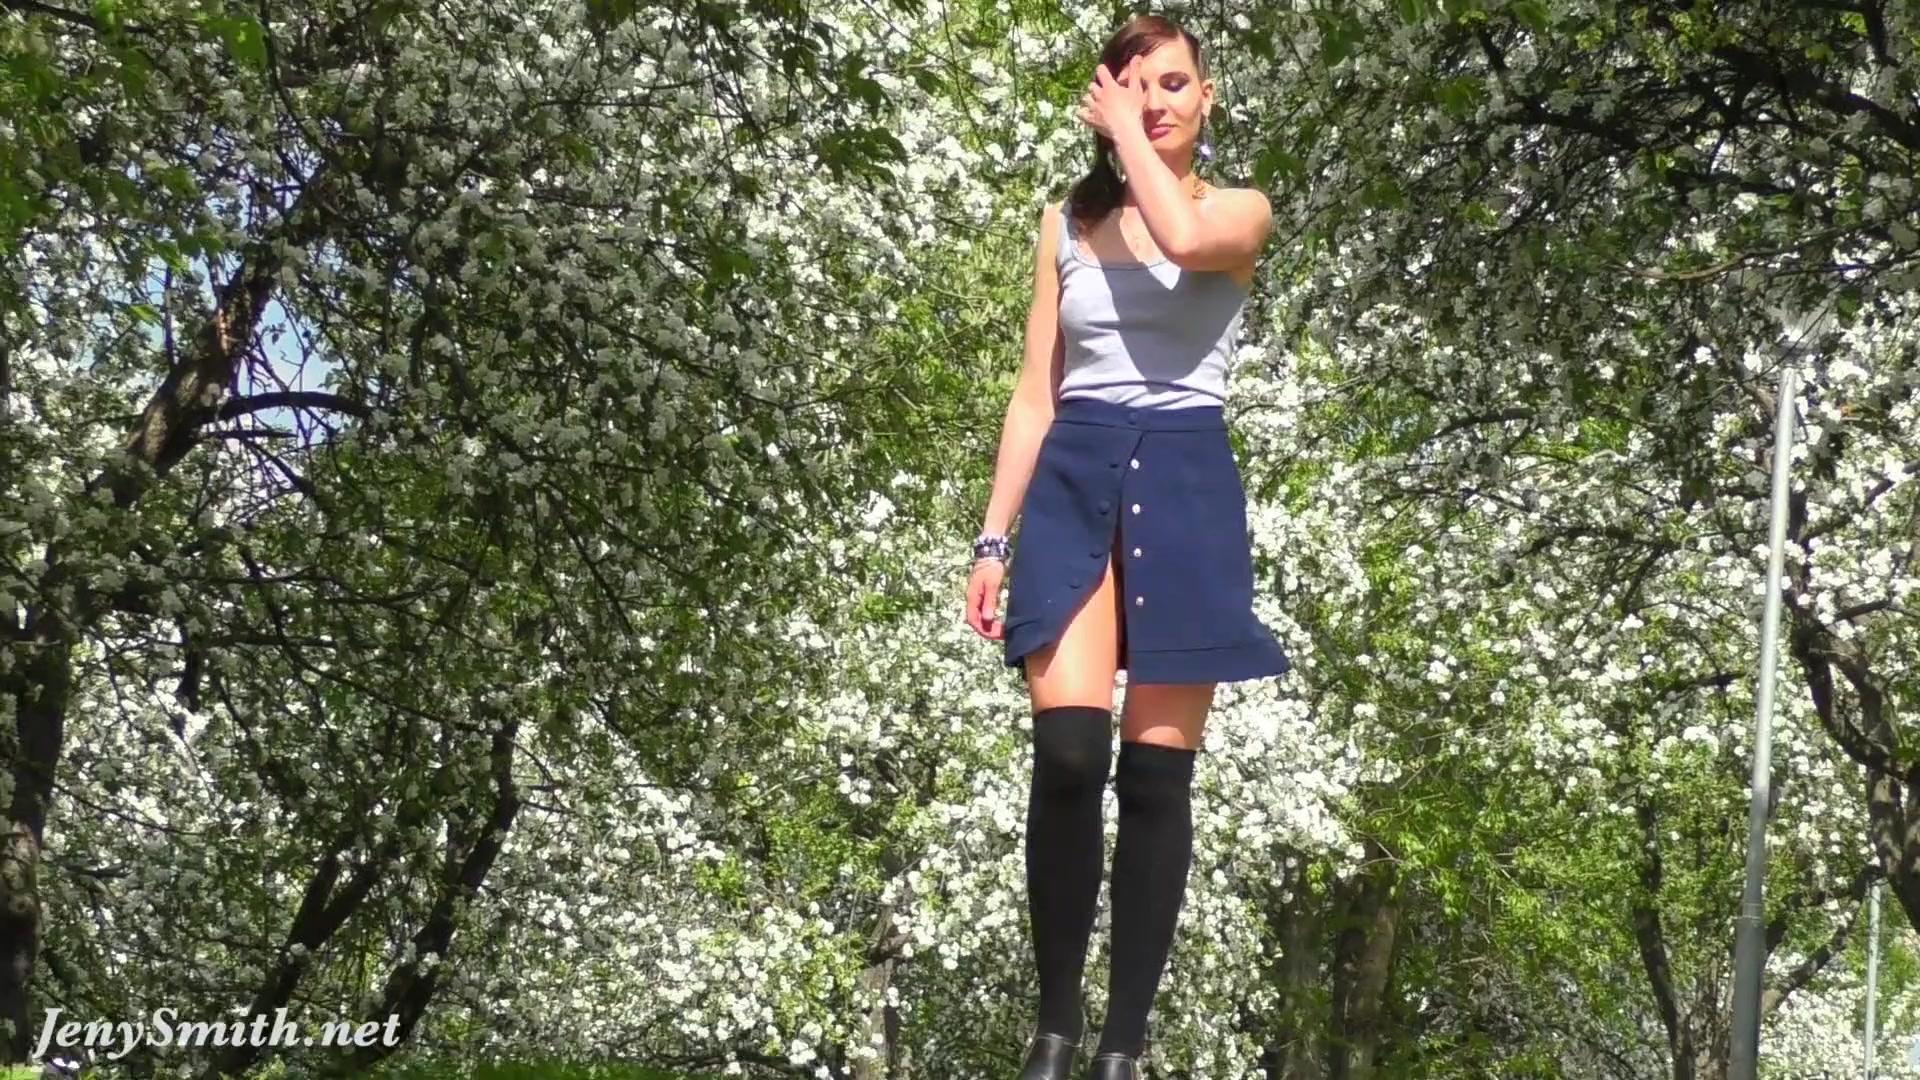 image Jeny smith apple trees